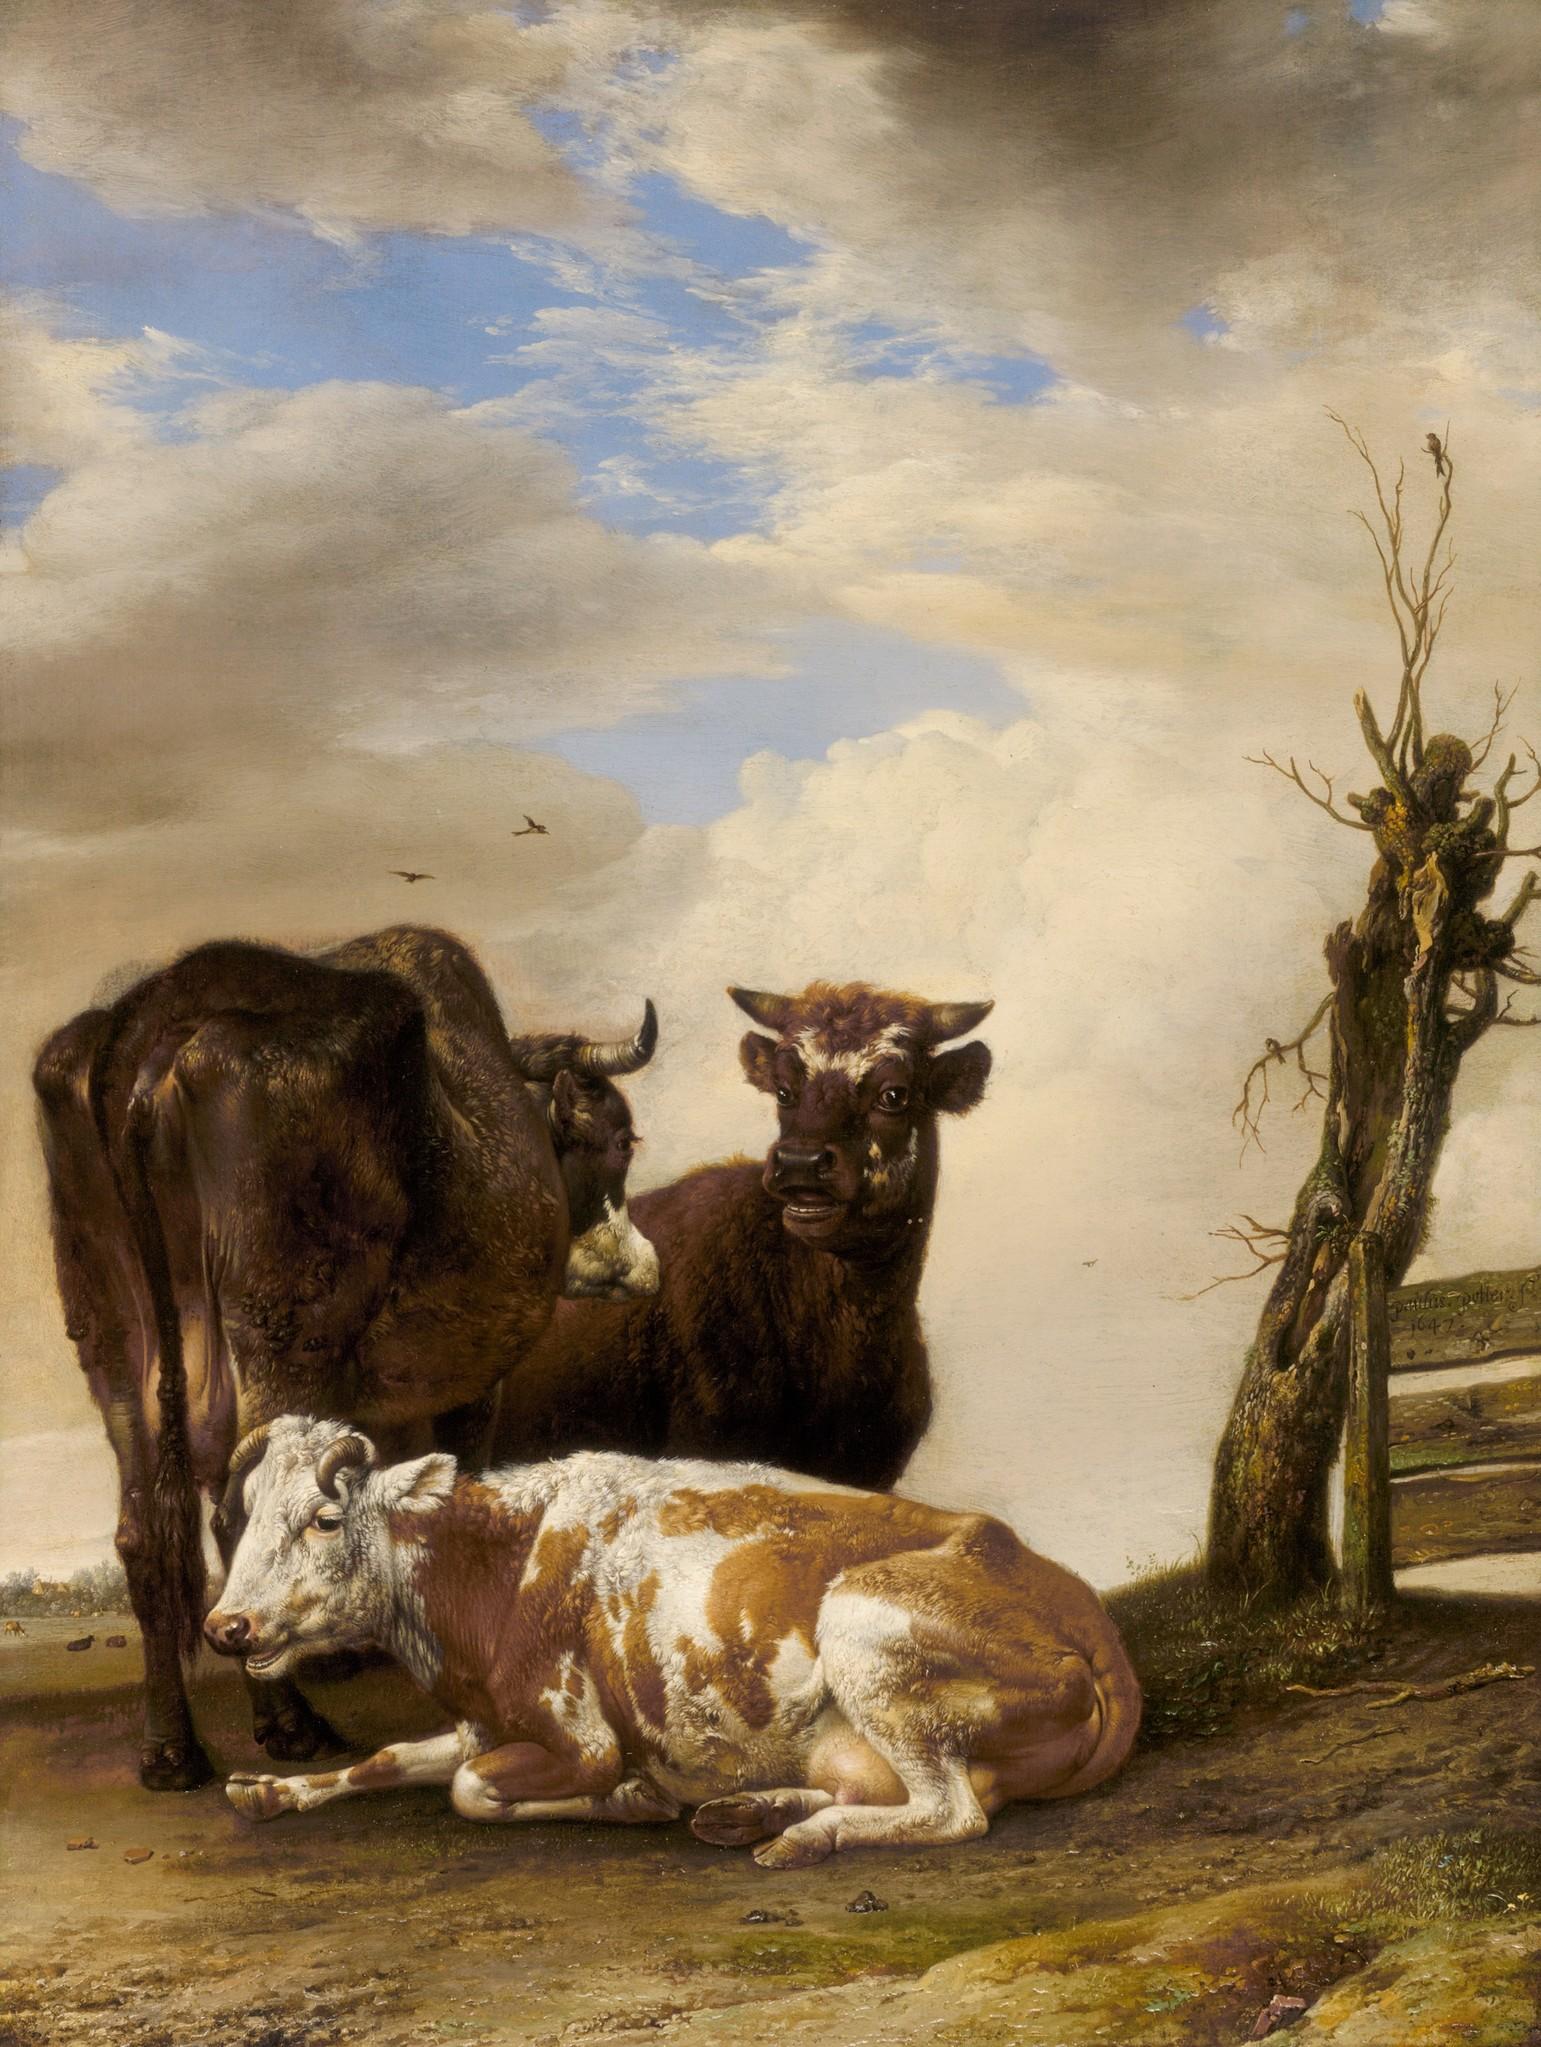 Schilderij - Paulus Potter, , Twee koeien en een jonge stier naast een hek in een weiland, 1647, 60x